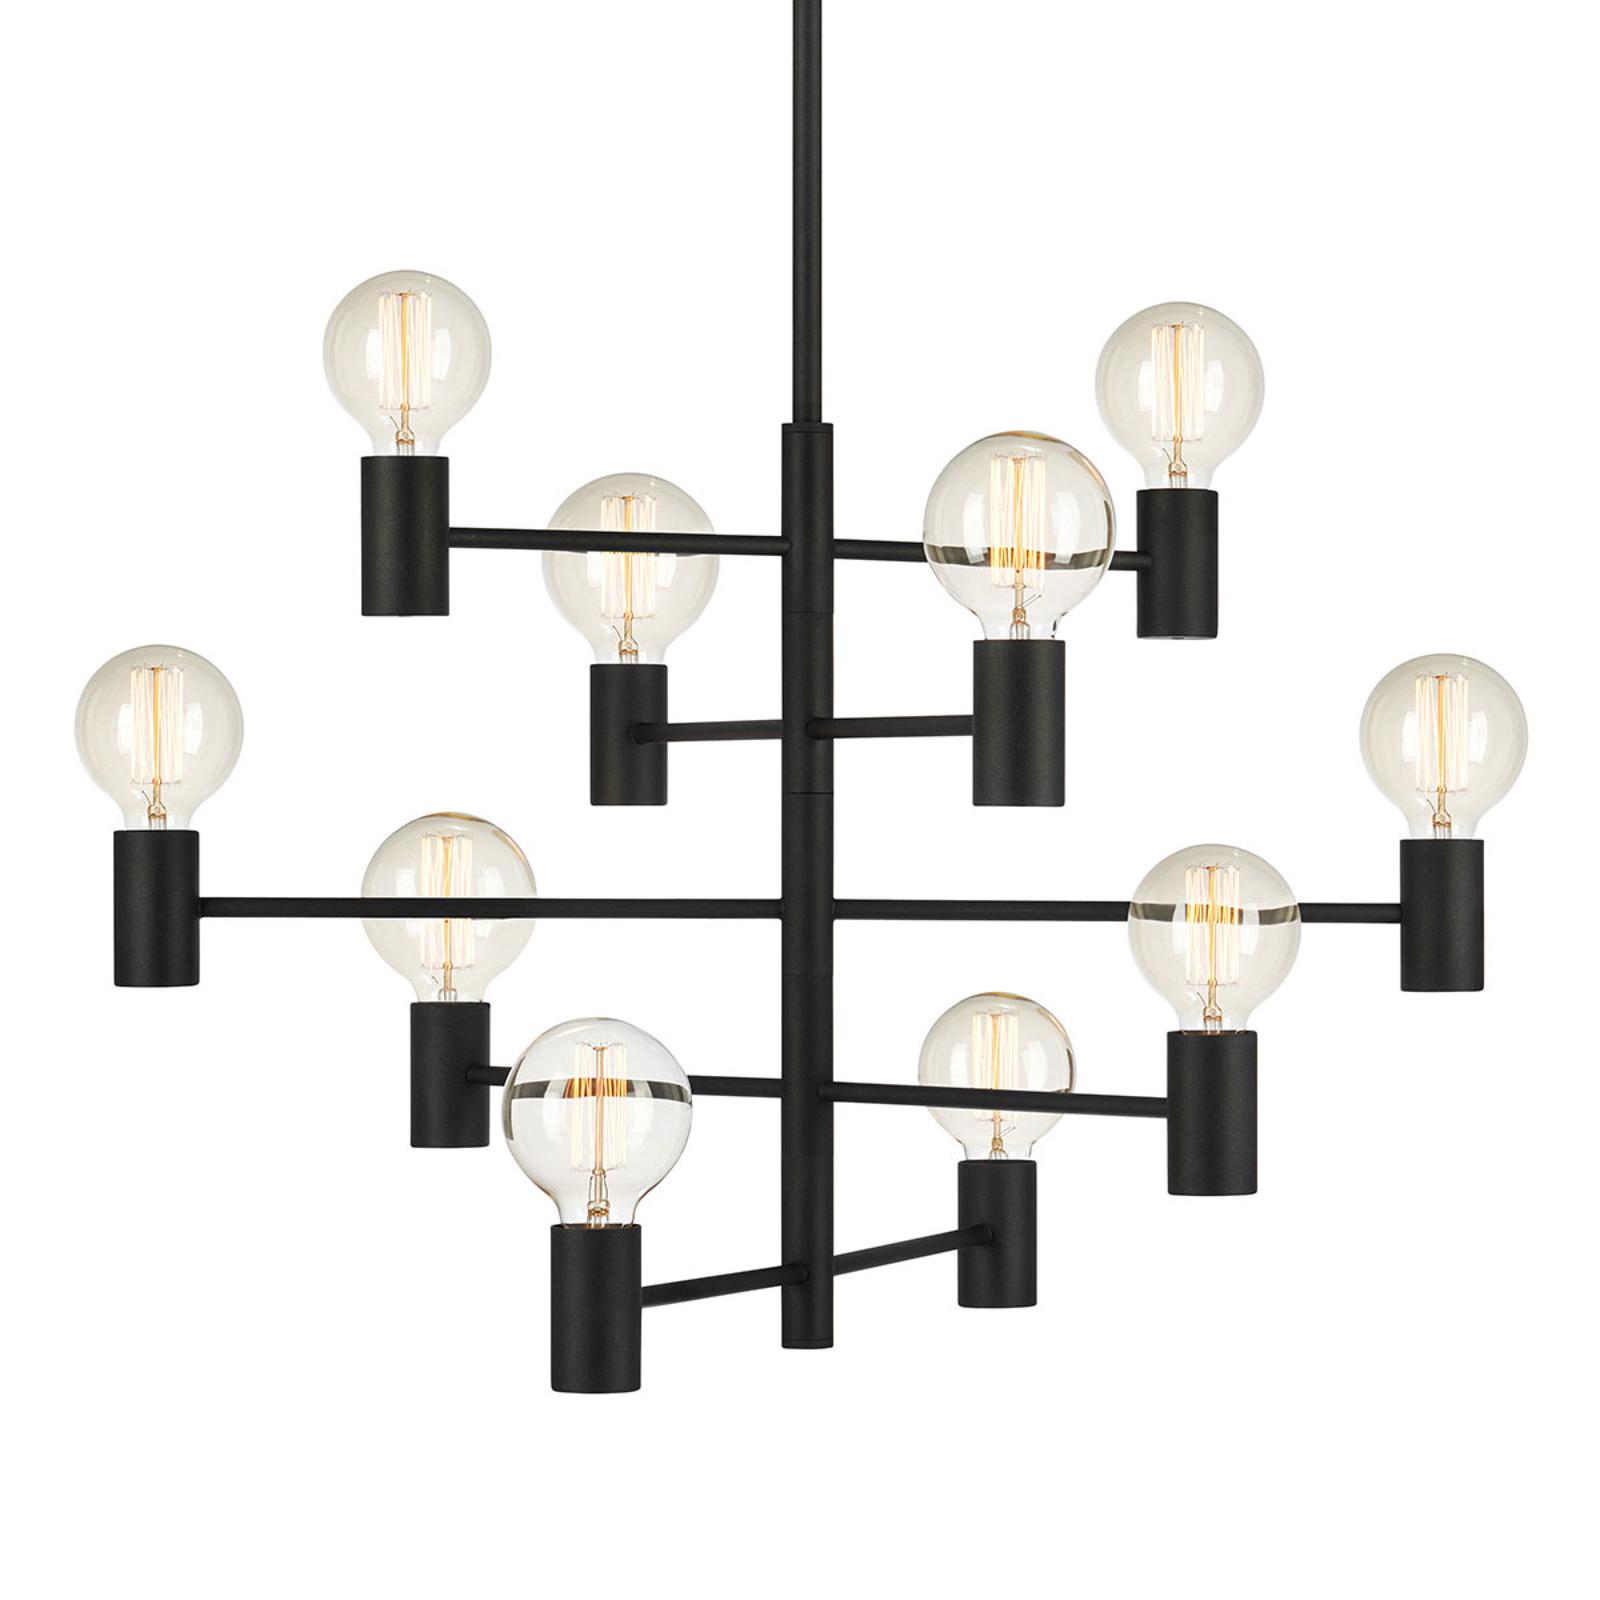 10-lamps hanglamp Parijs